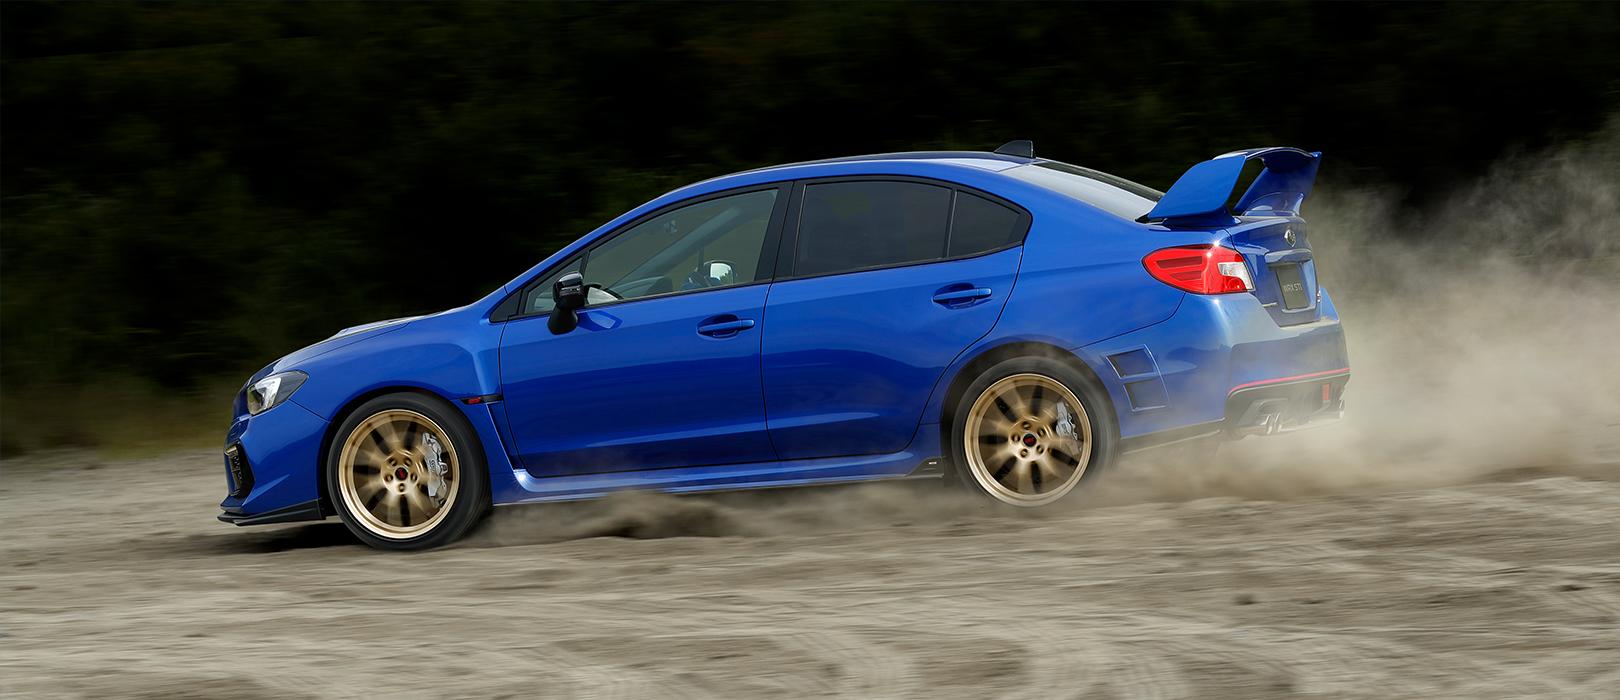 Subaru_WRX_STI_EJ20_Final_Edition_0001